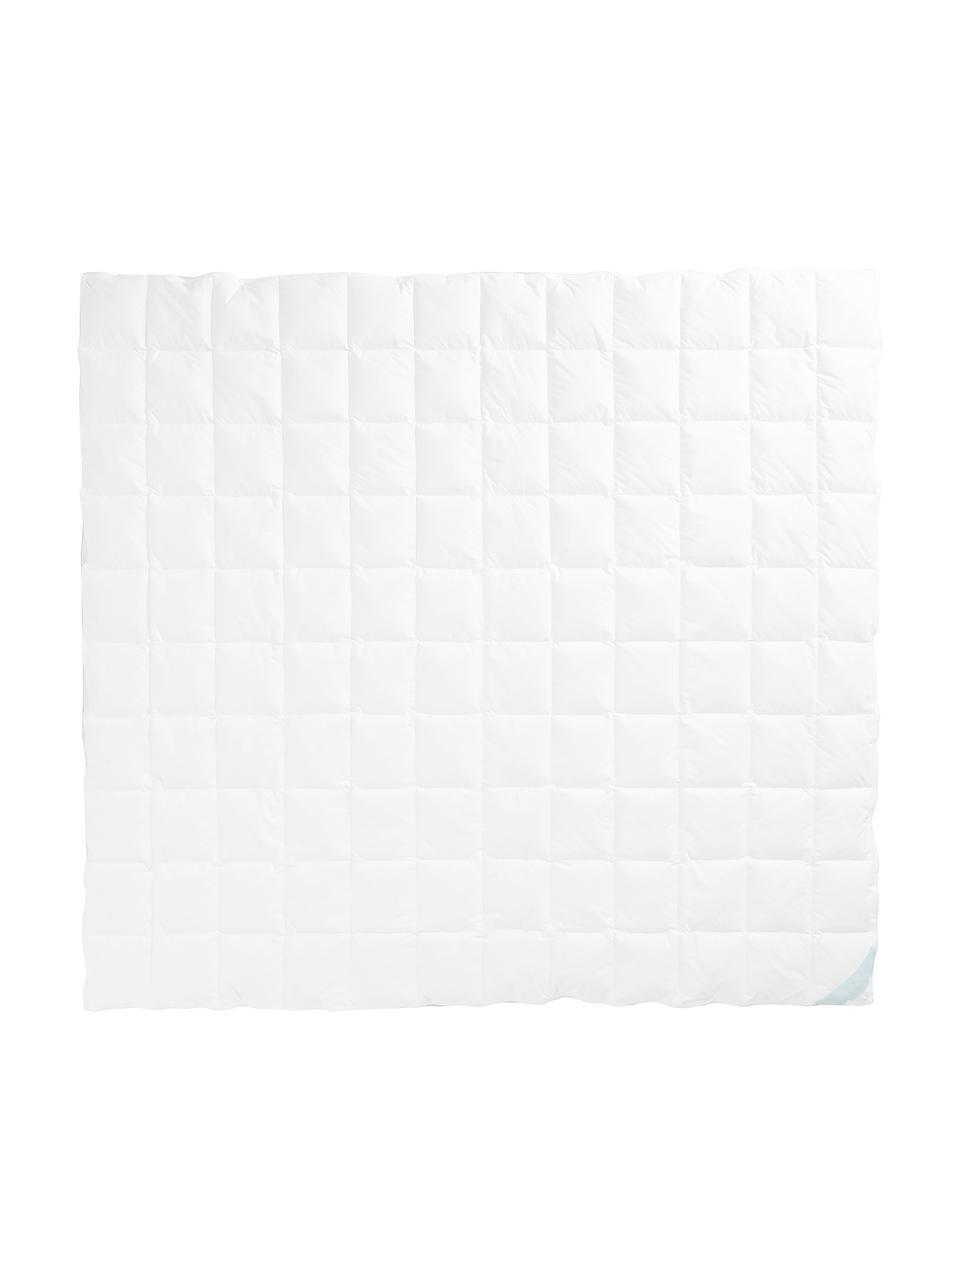 Edredón de plumon Komfort, extra ligero, Funda: 100%algodón, sarga de Ma, Blanco, Cama 150/160 cm (240 x L 220 cm)